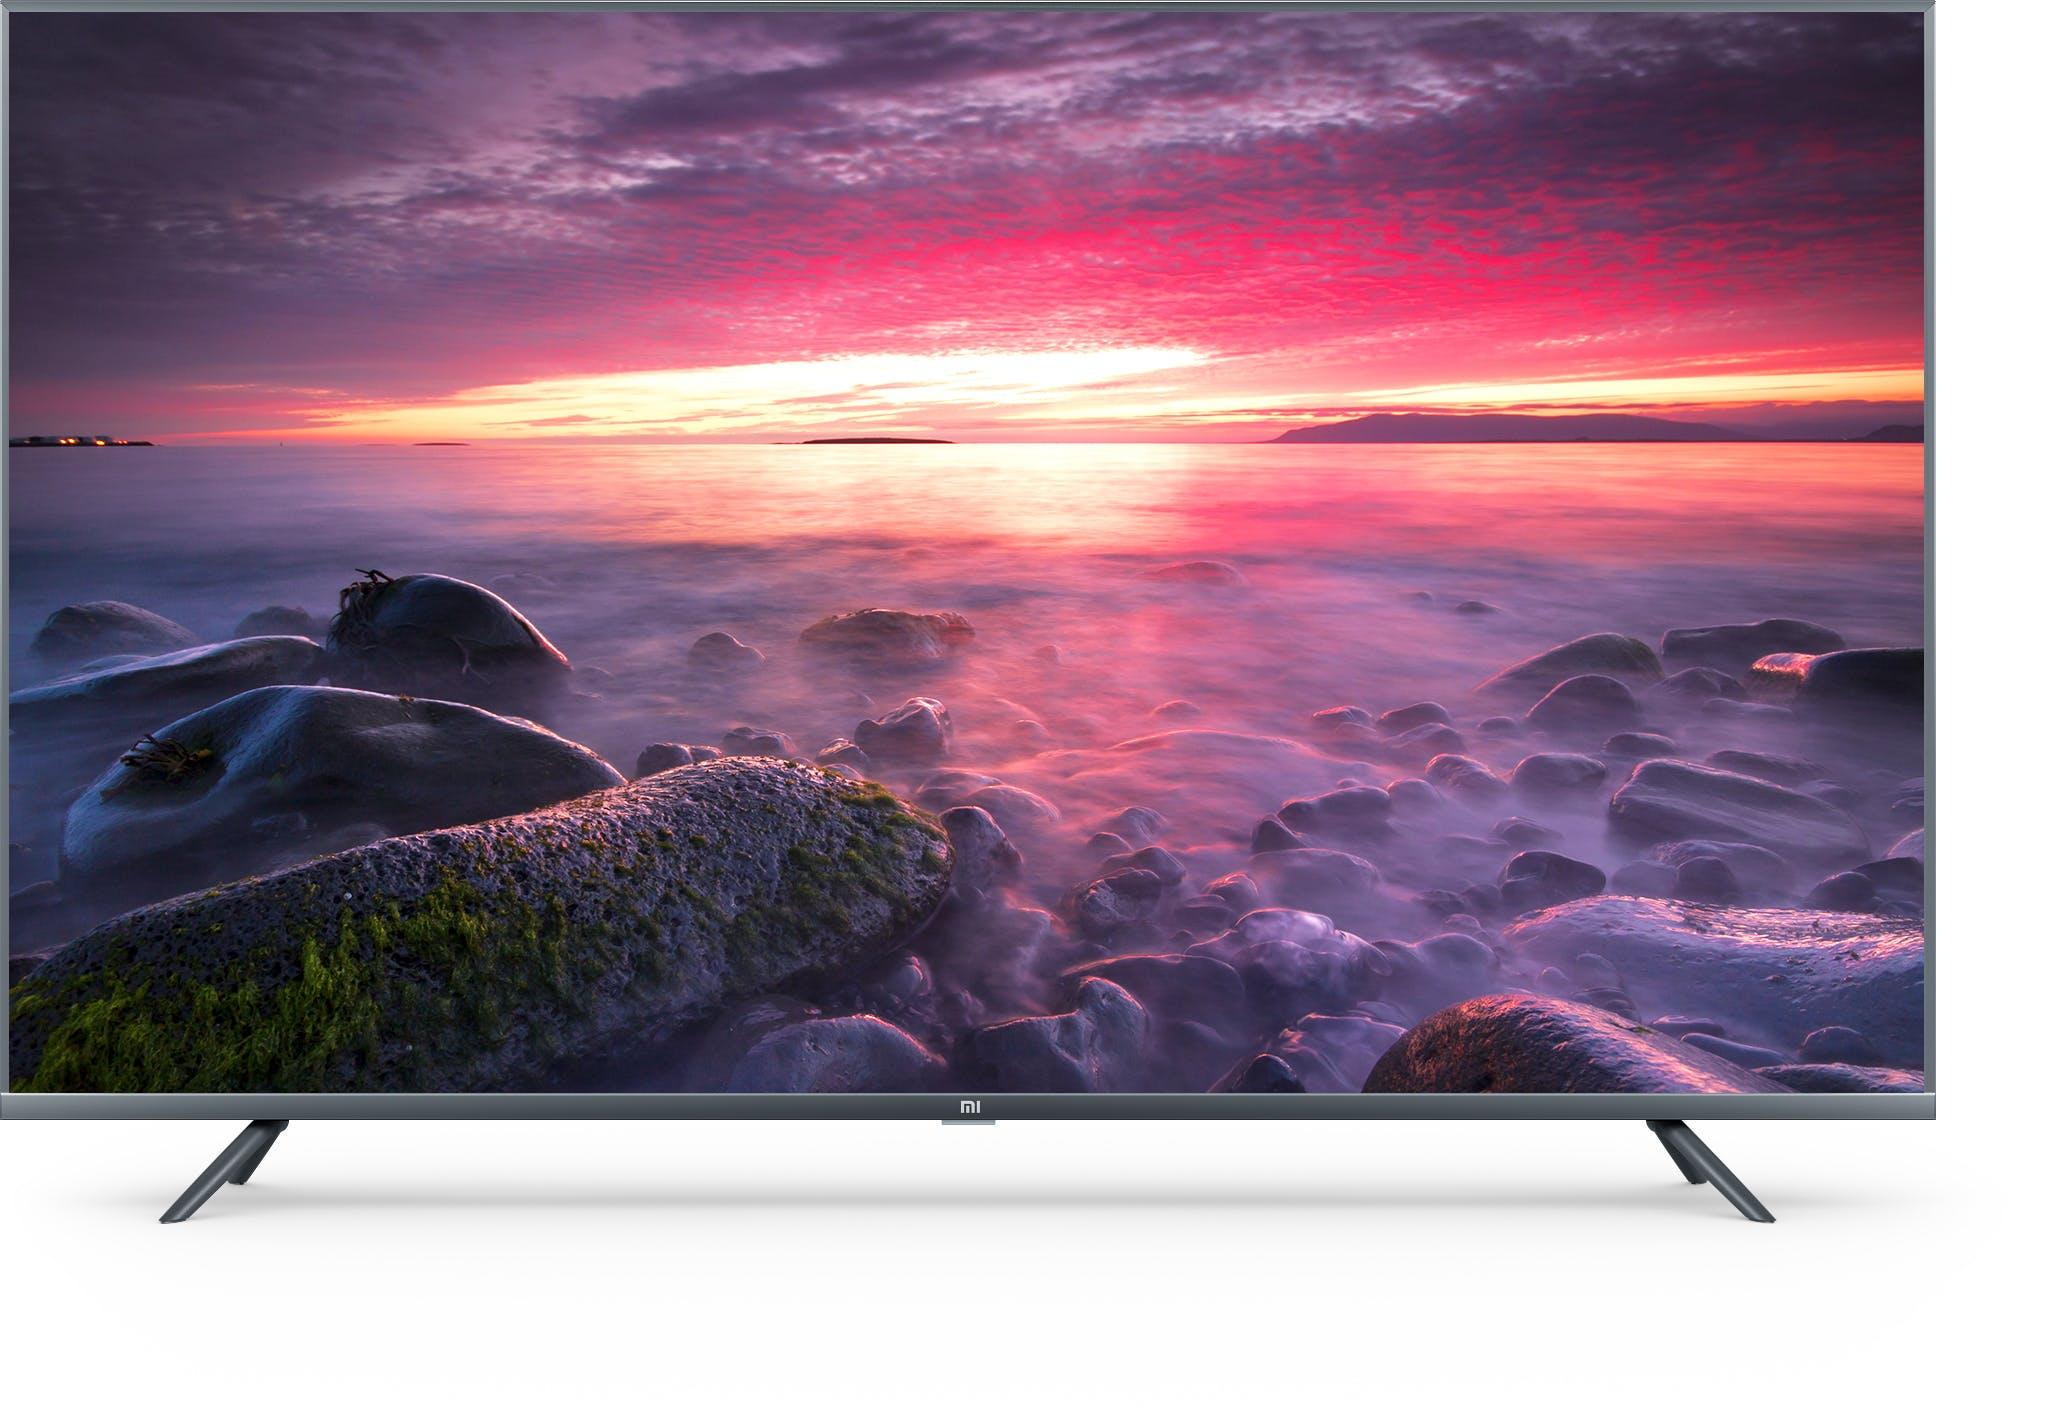 Mi LED TV 4S